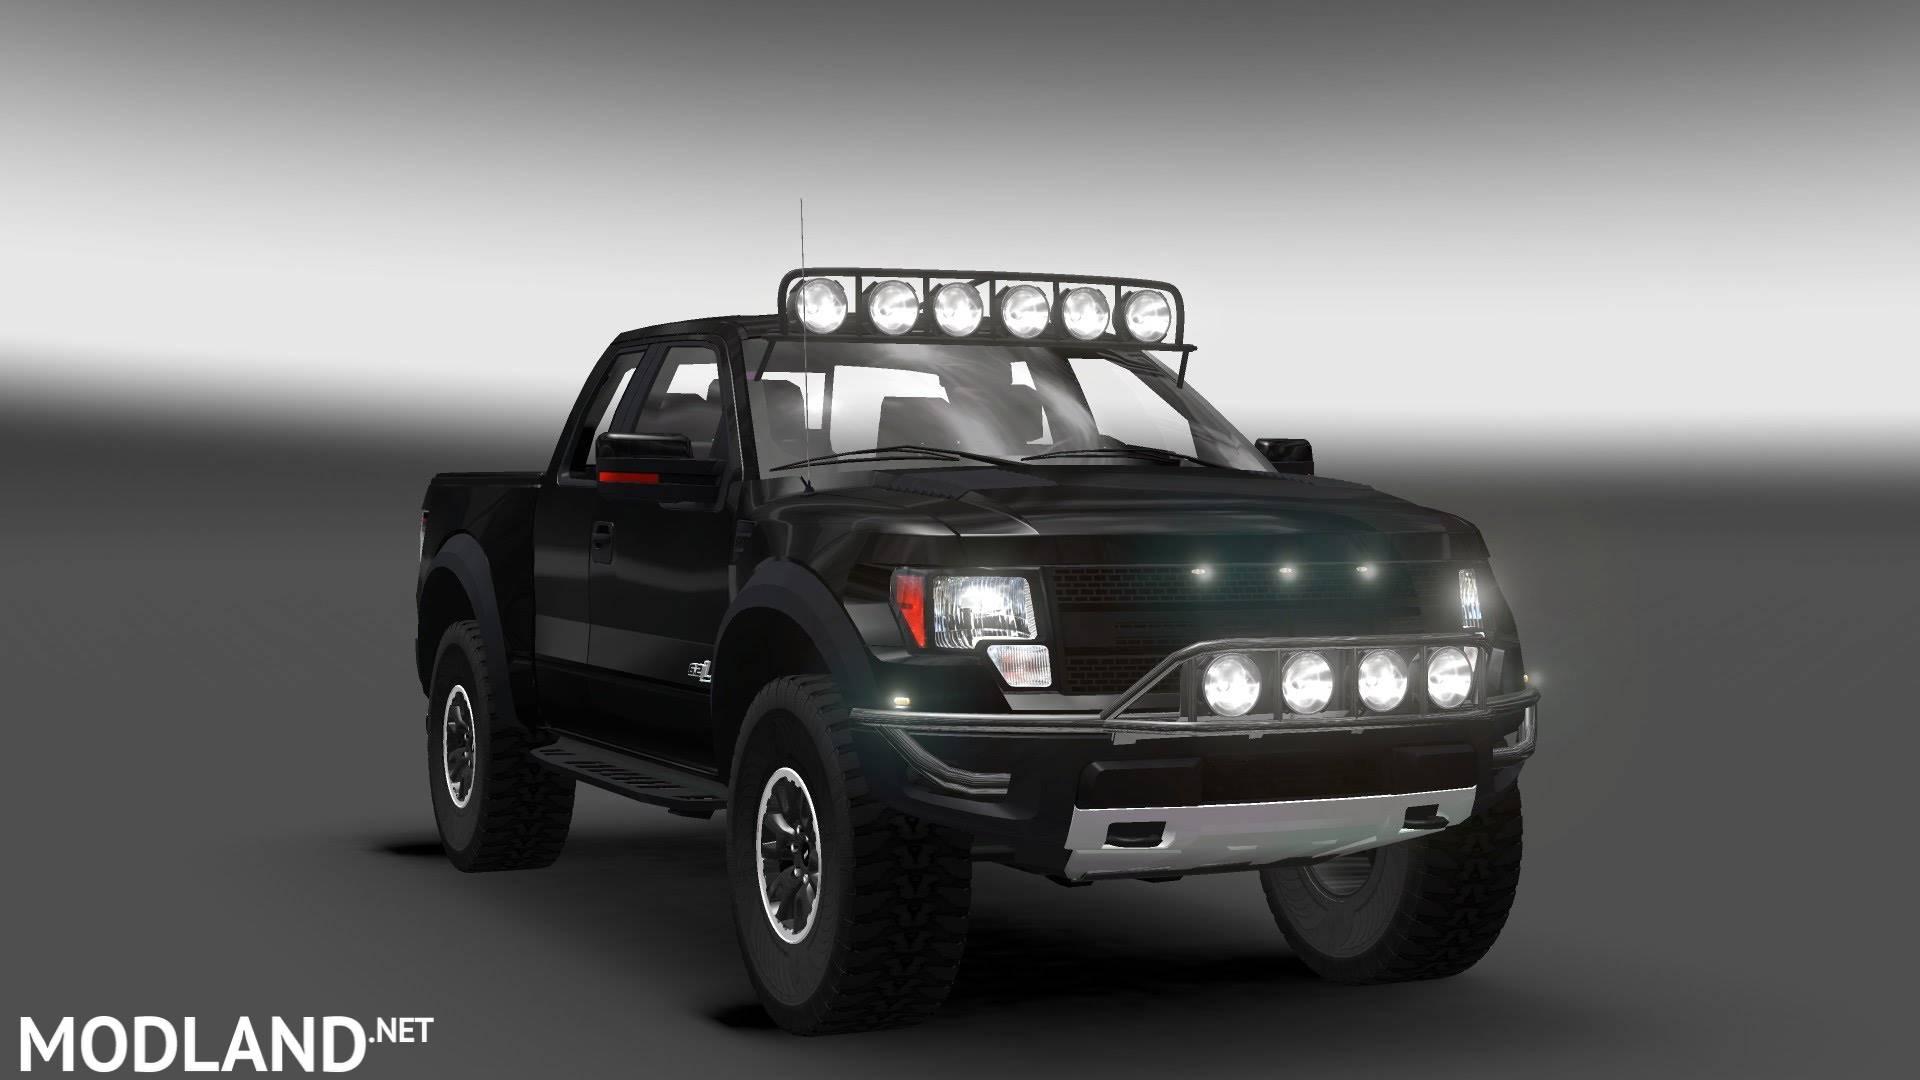 Ford F150 Raptor Svt Mod For Ets 2